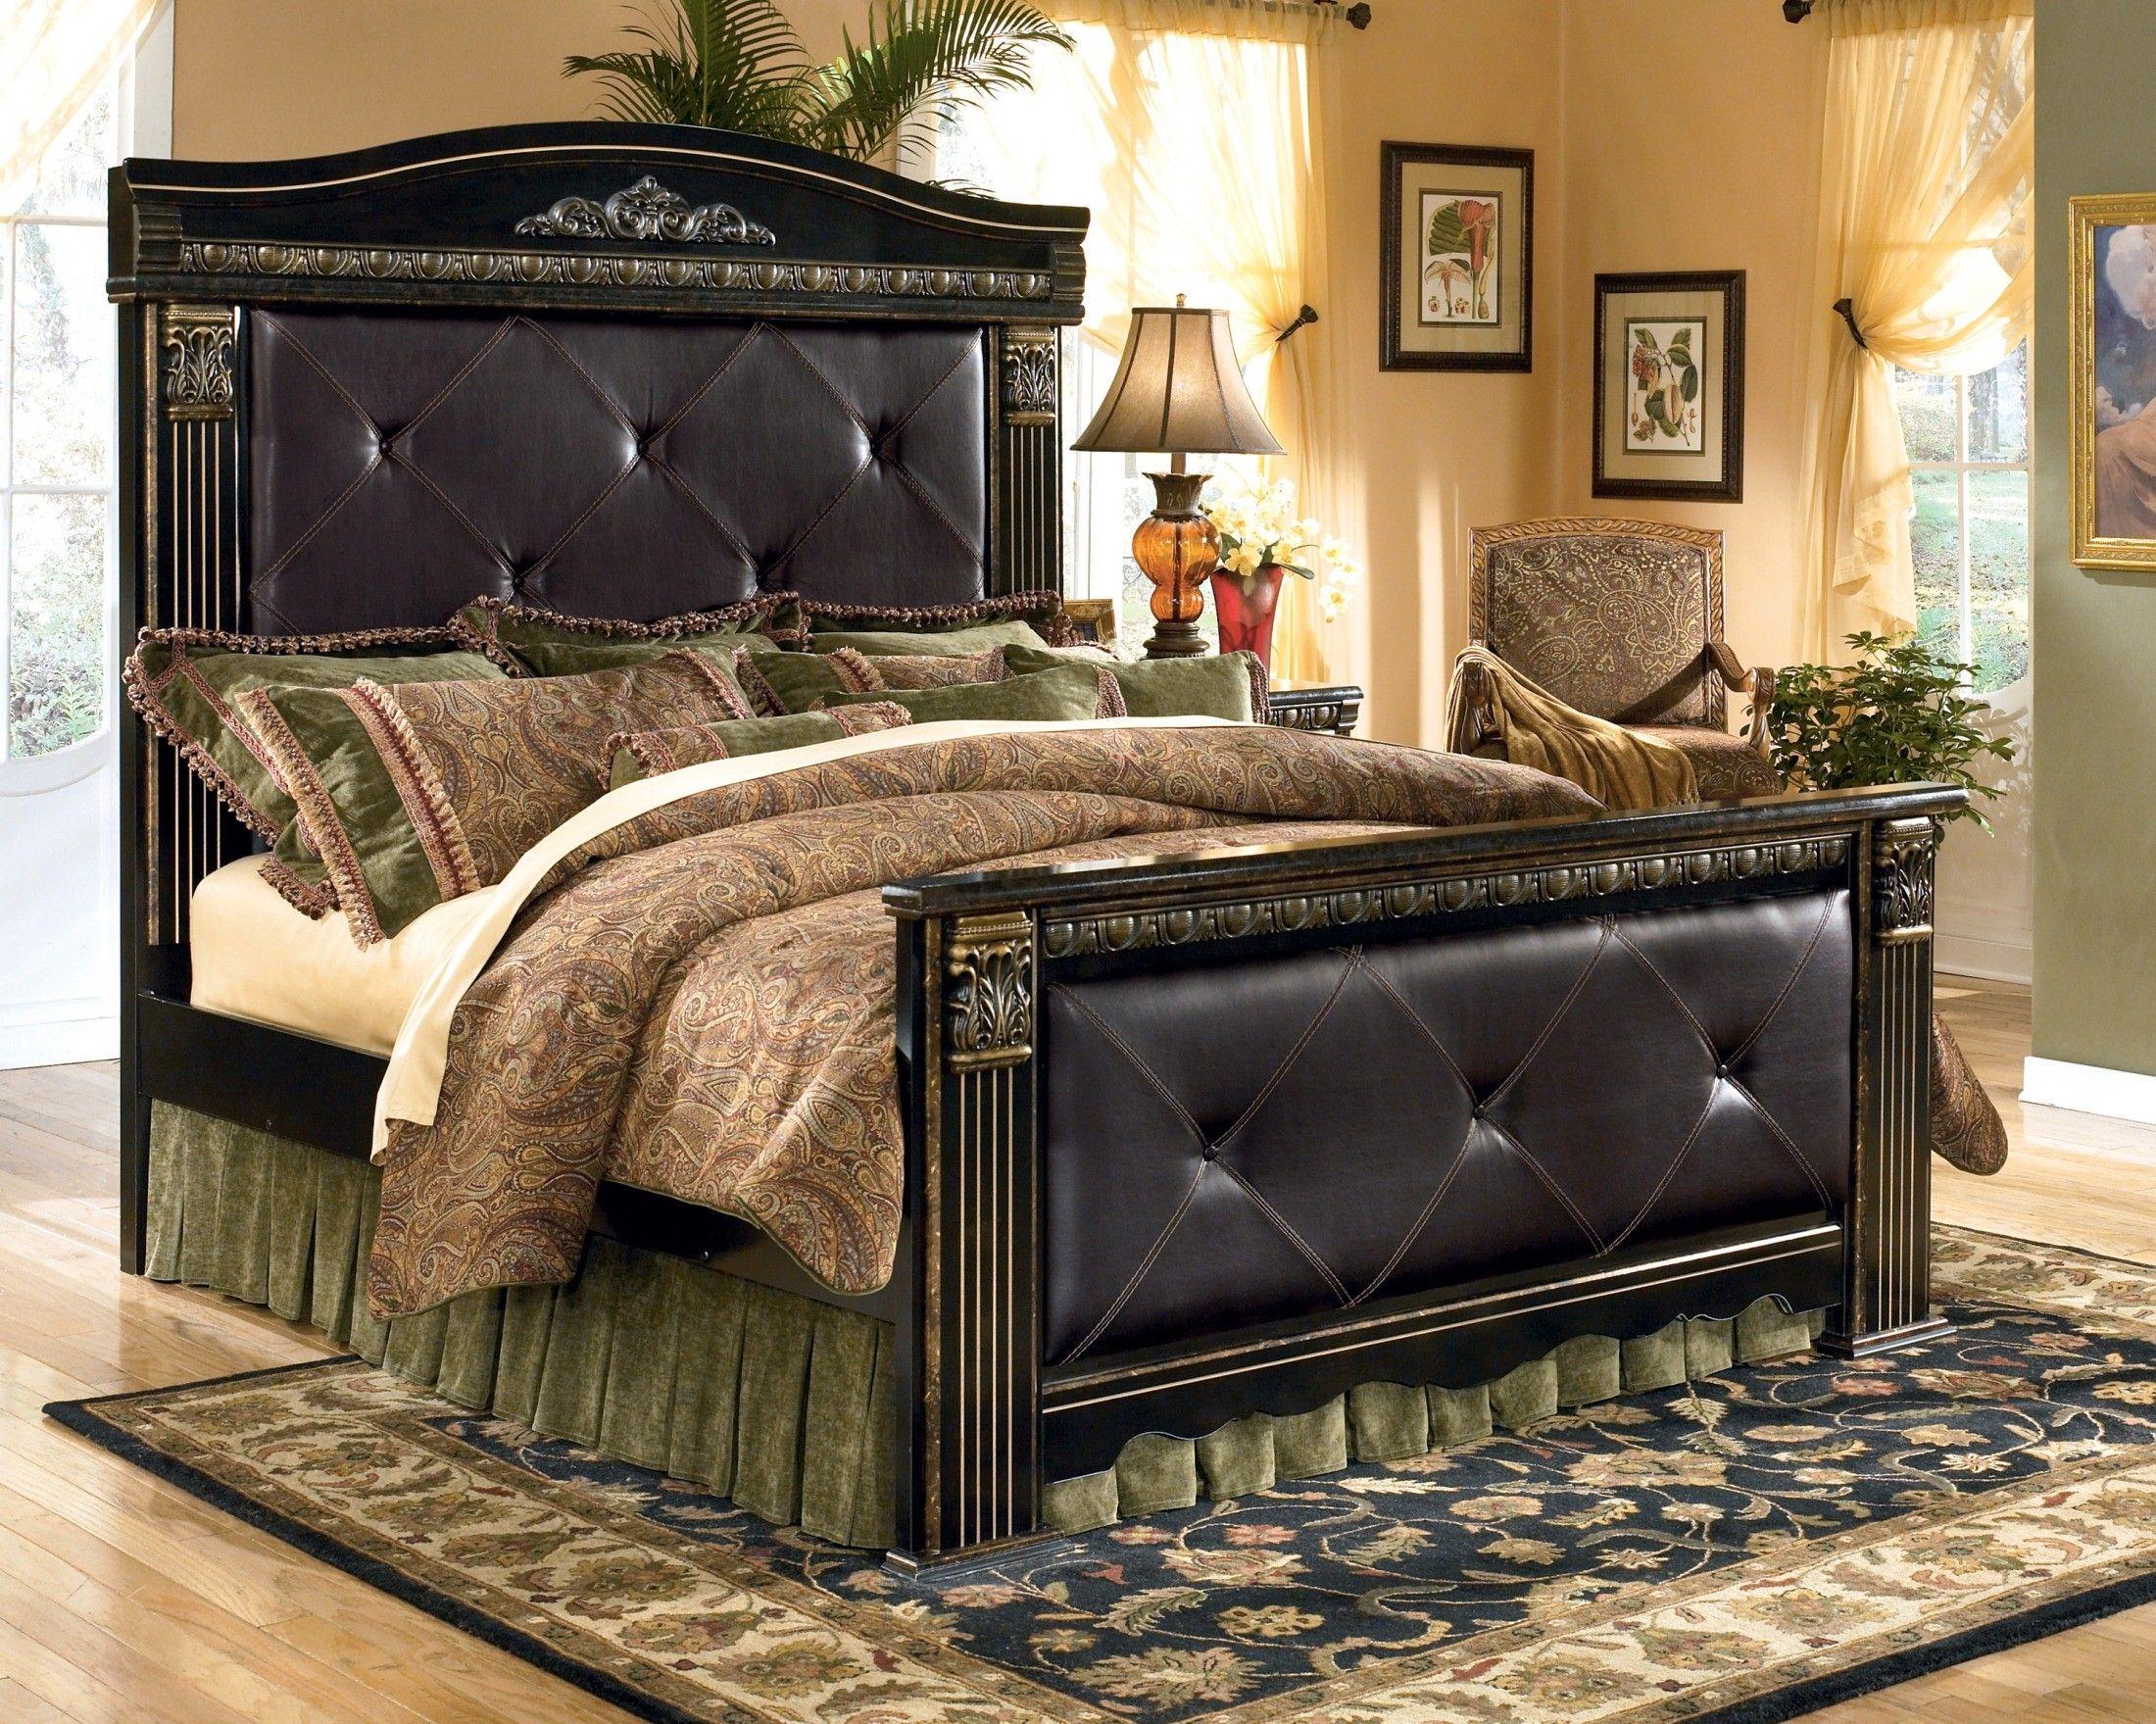 Coal Creek King Mansion Bed Mansion Bedroom Luxury Bedding Bedroom Sets